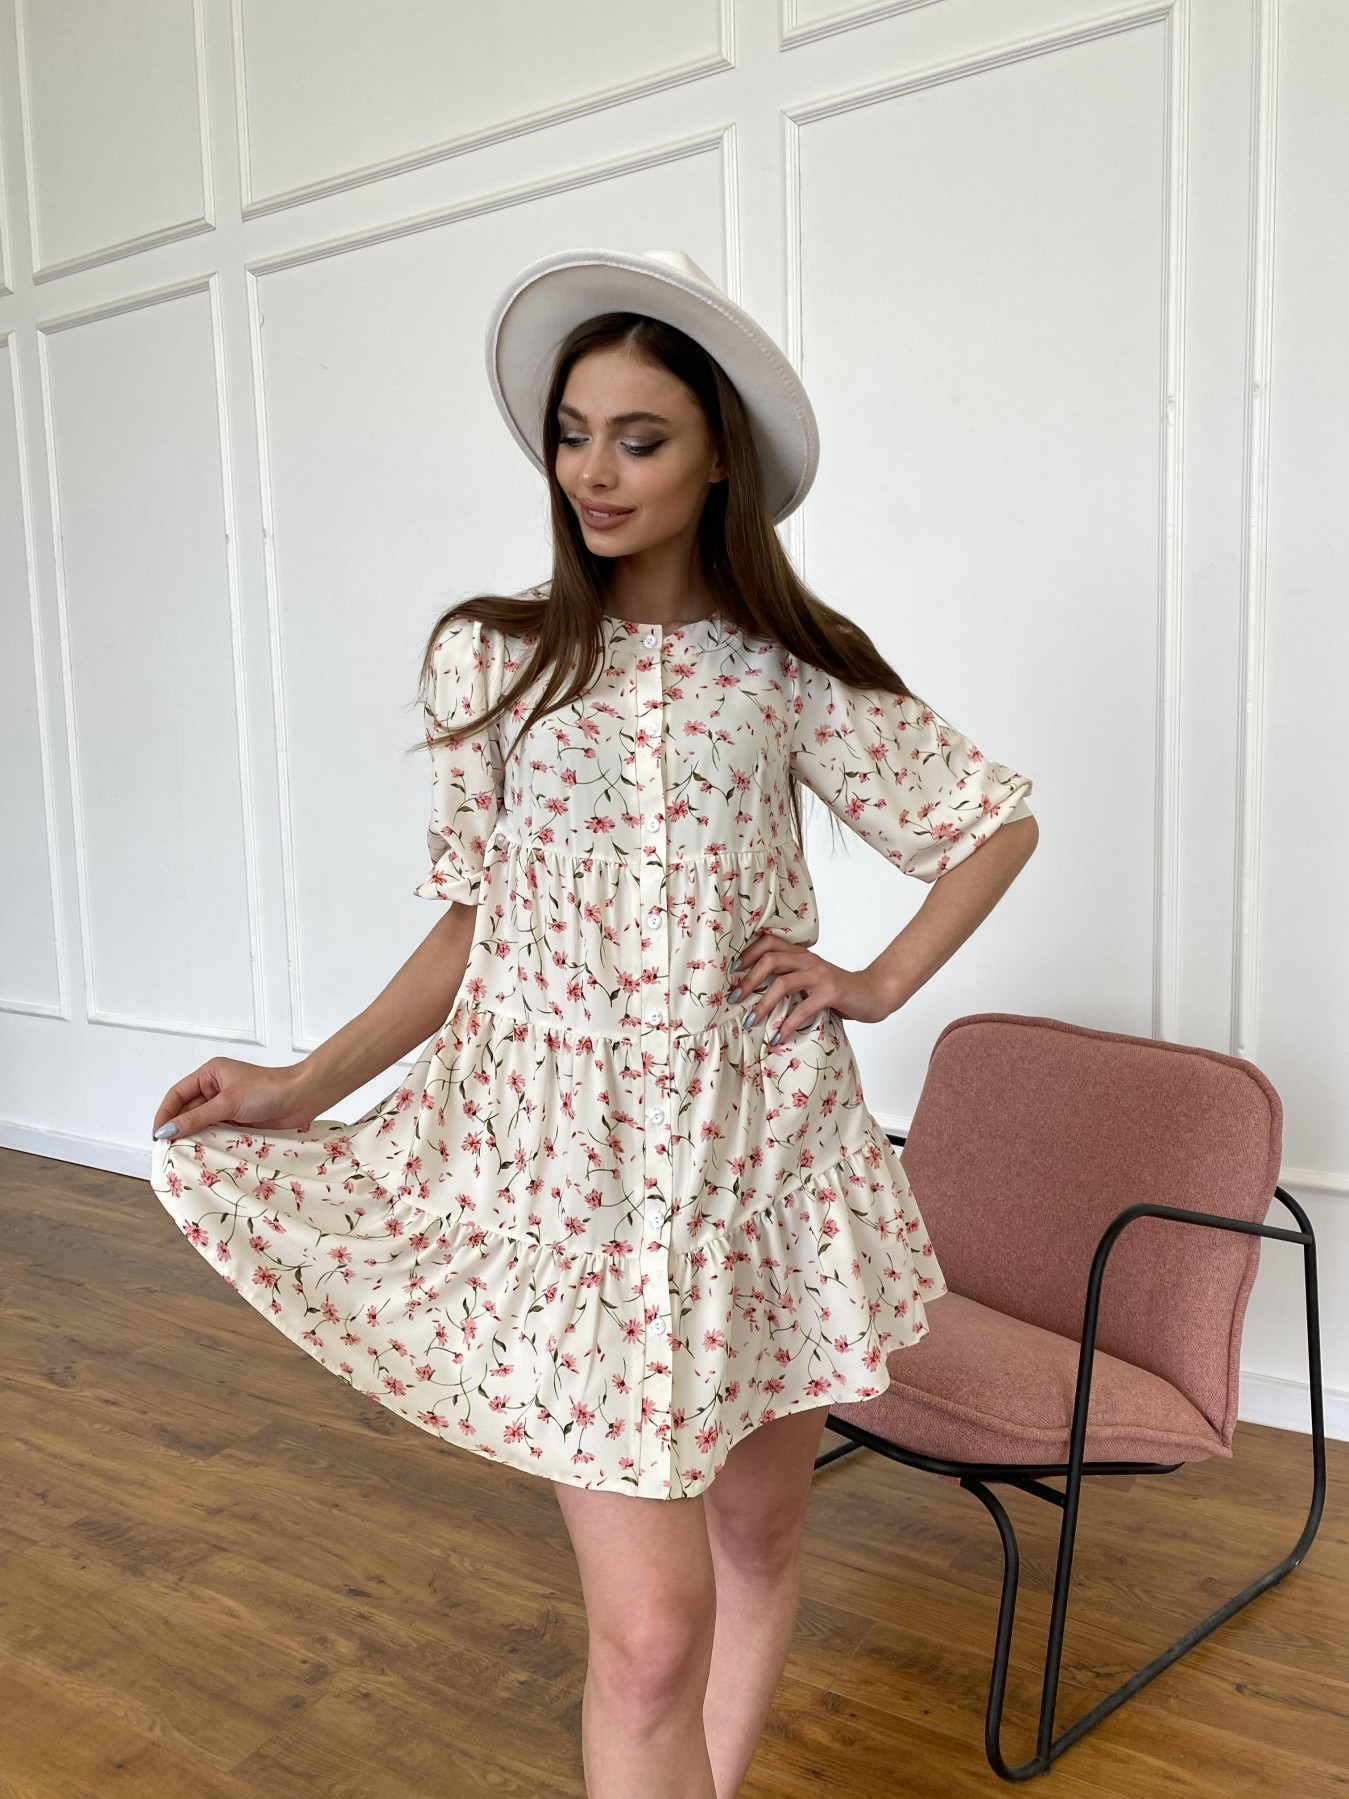 Берри платье из ткани софт в принт 11211 АРТ. 47724 Цвет: Молоко/розовый, Цветы - фото 2, интернет магазин tm-modus.ru